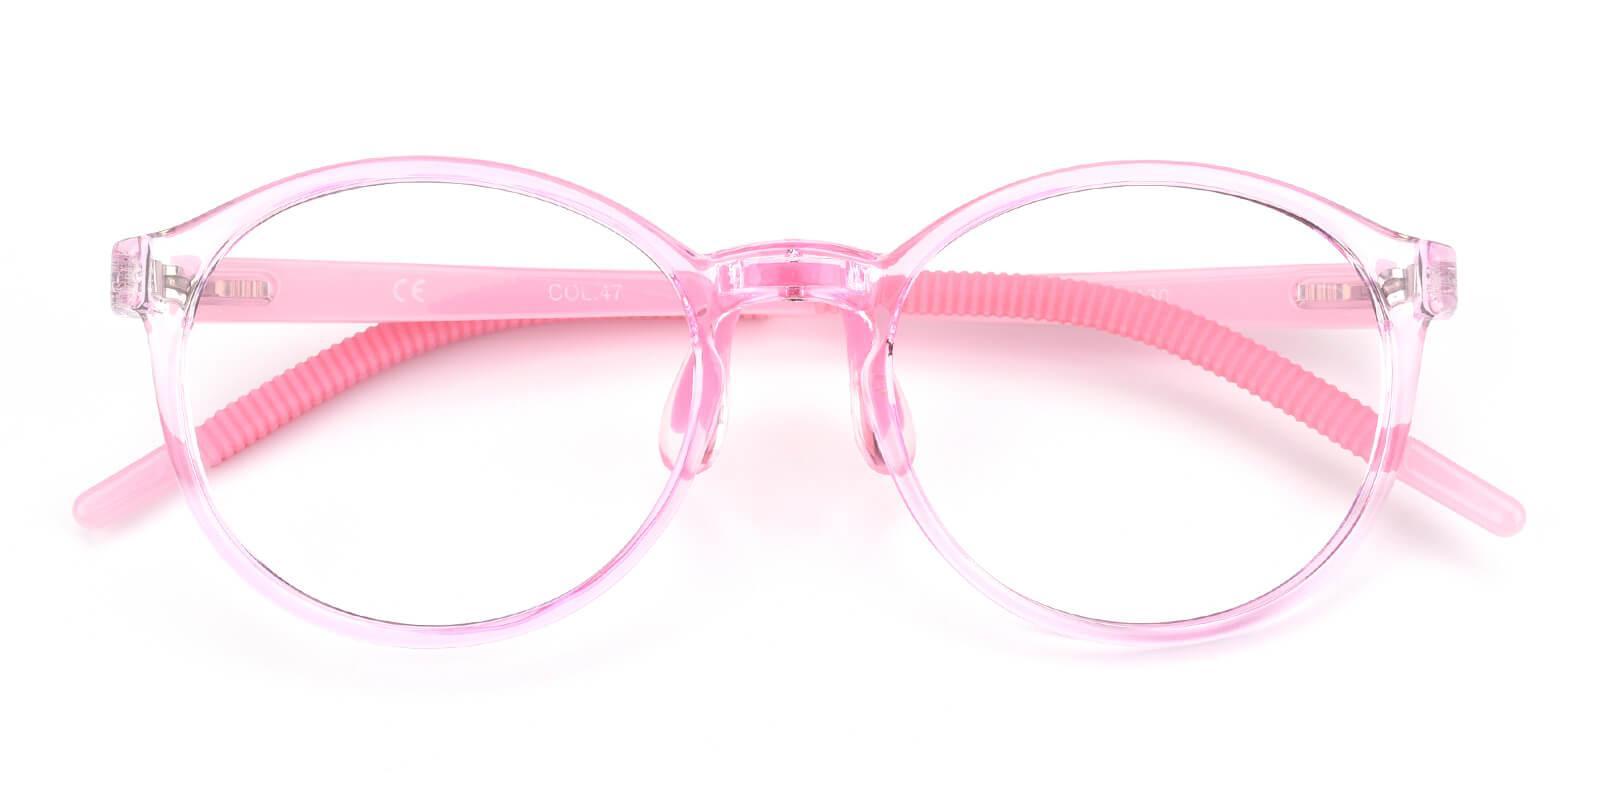 Chigor-Pink-Round-TR-Eyeglasses-detail